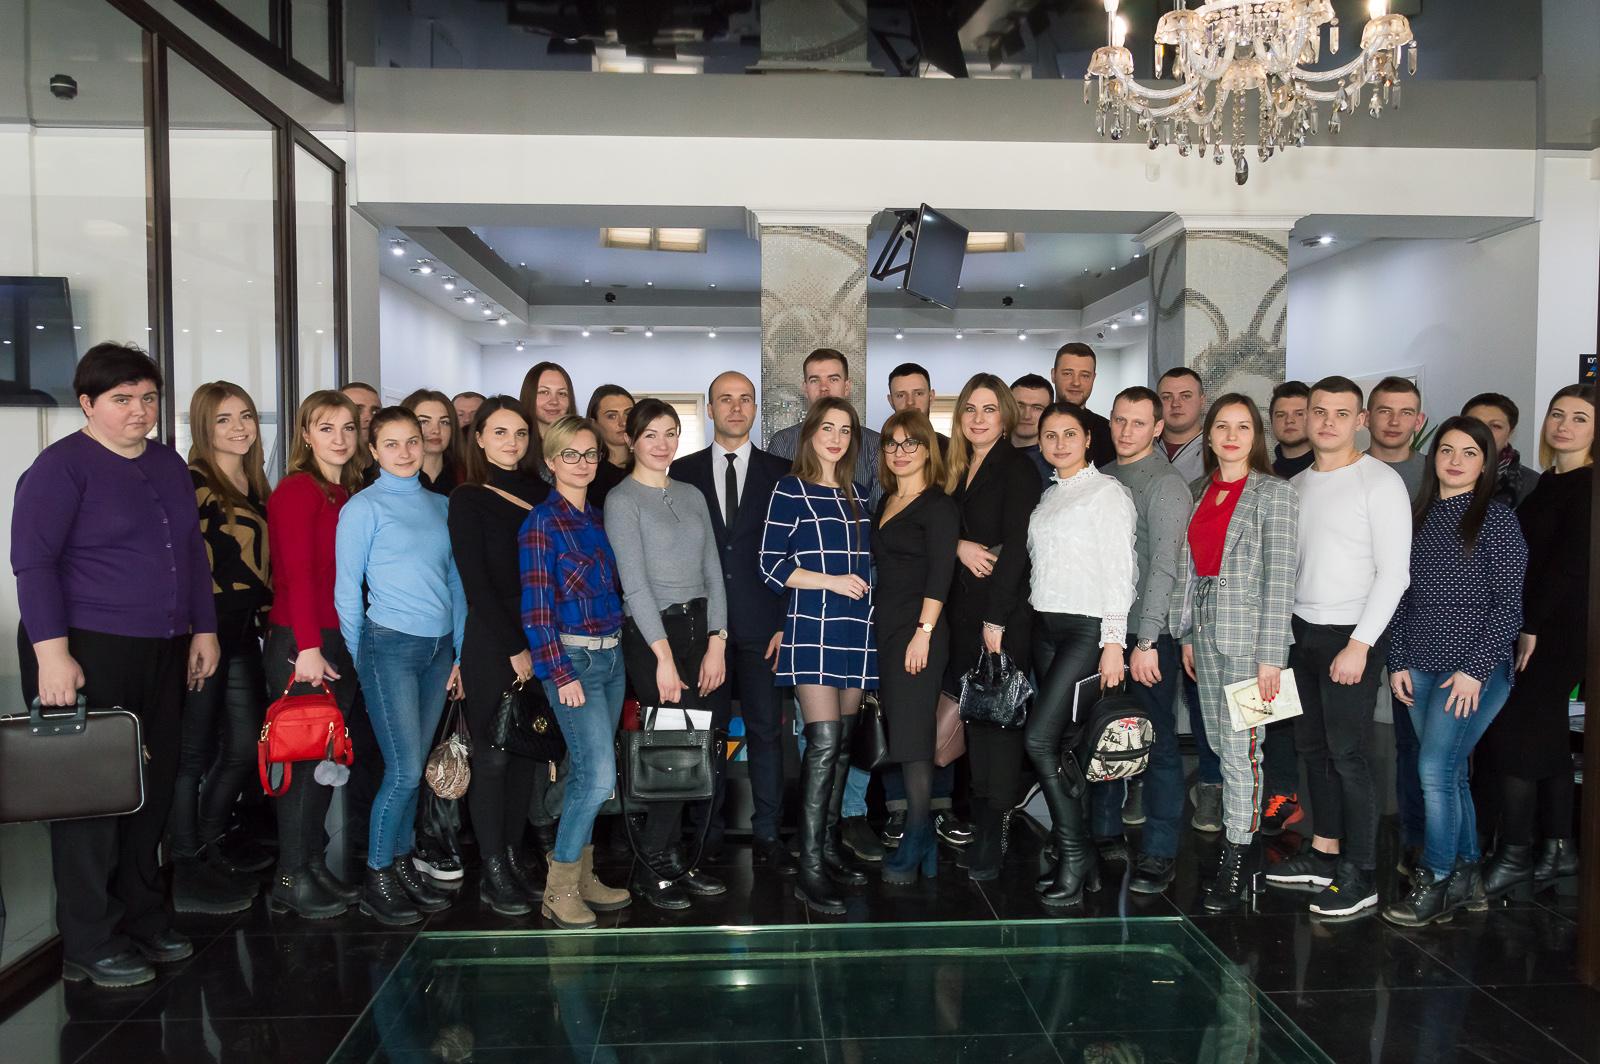 """Лекцію """"Фінансові ринки та основи біржових технологій"""" в Чернівцях відвідали студенти та викладачі МАУП - 2 фото"""